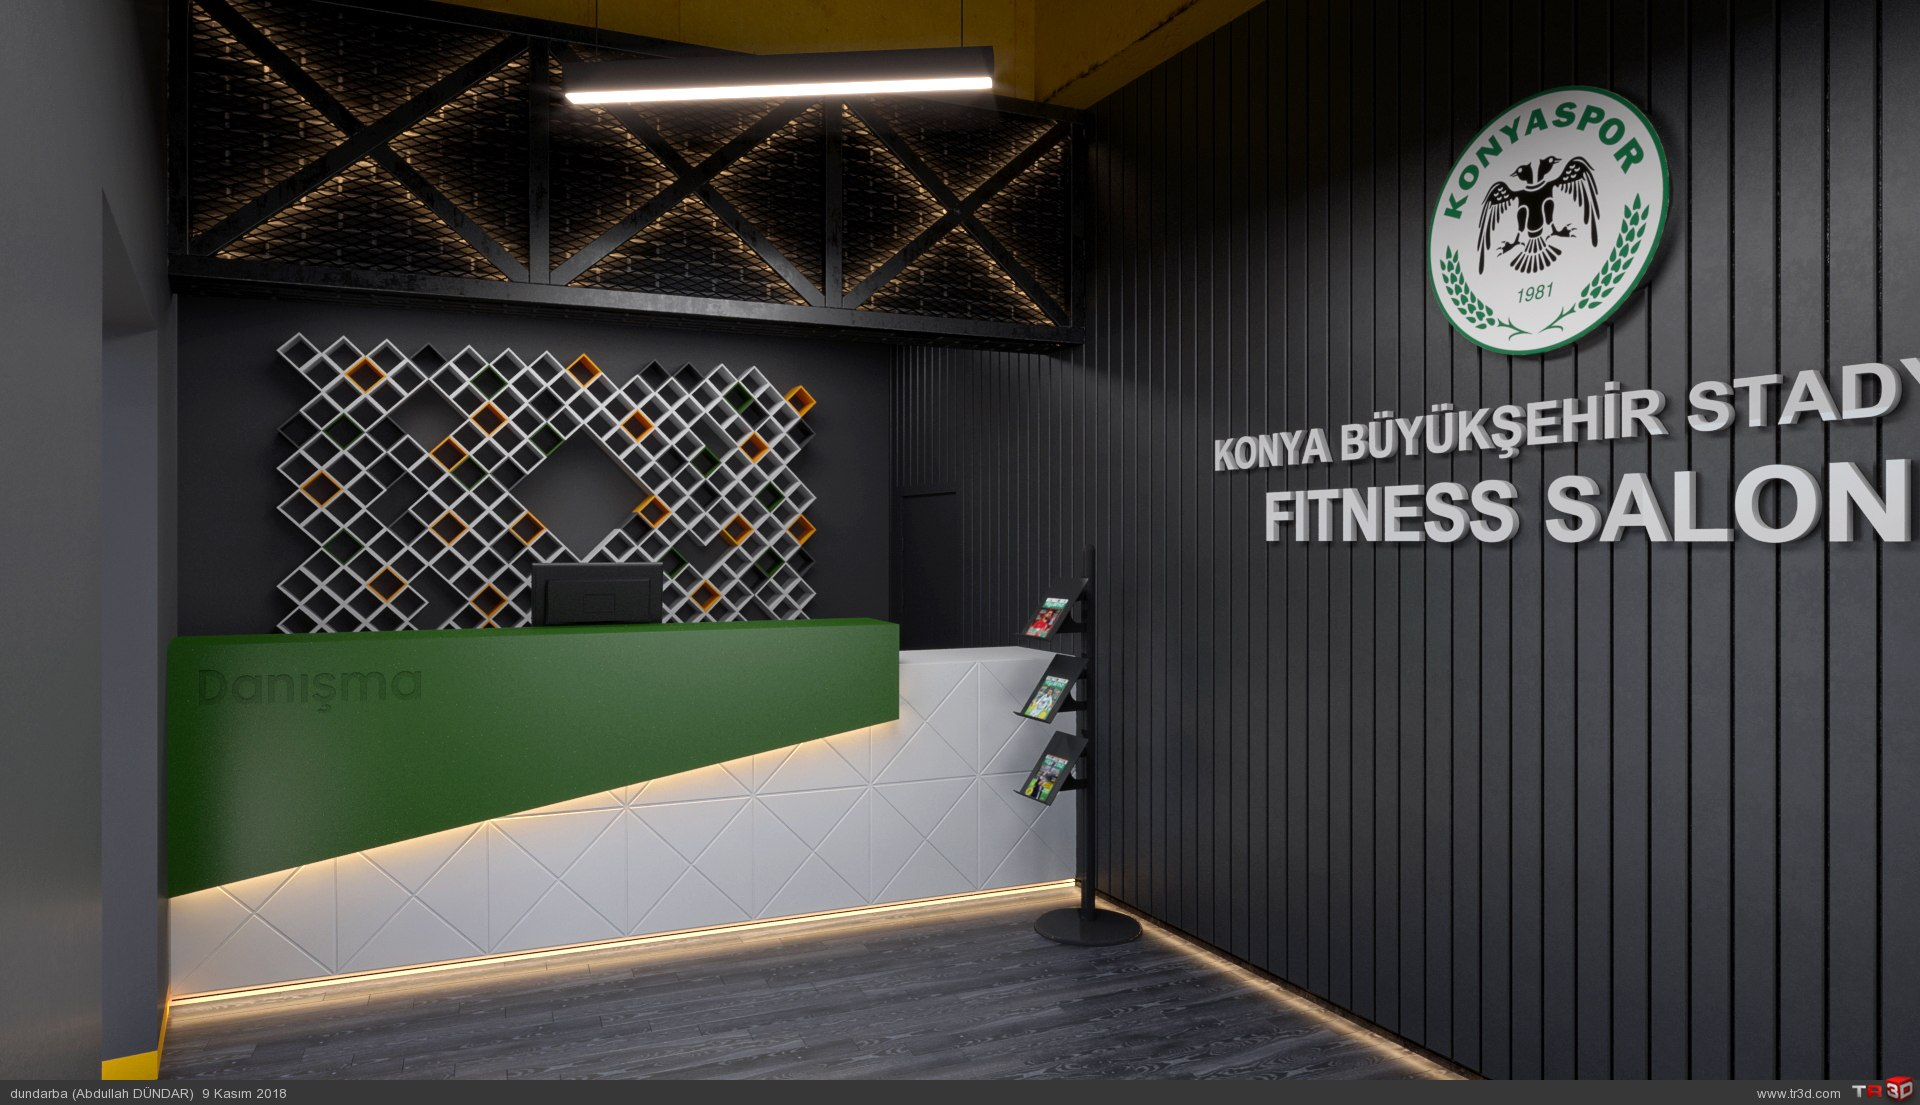 Fitness Salonu 2